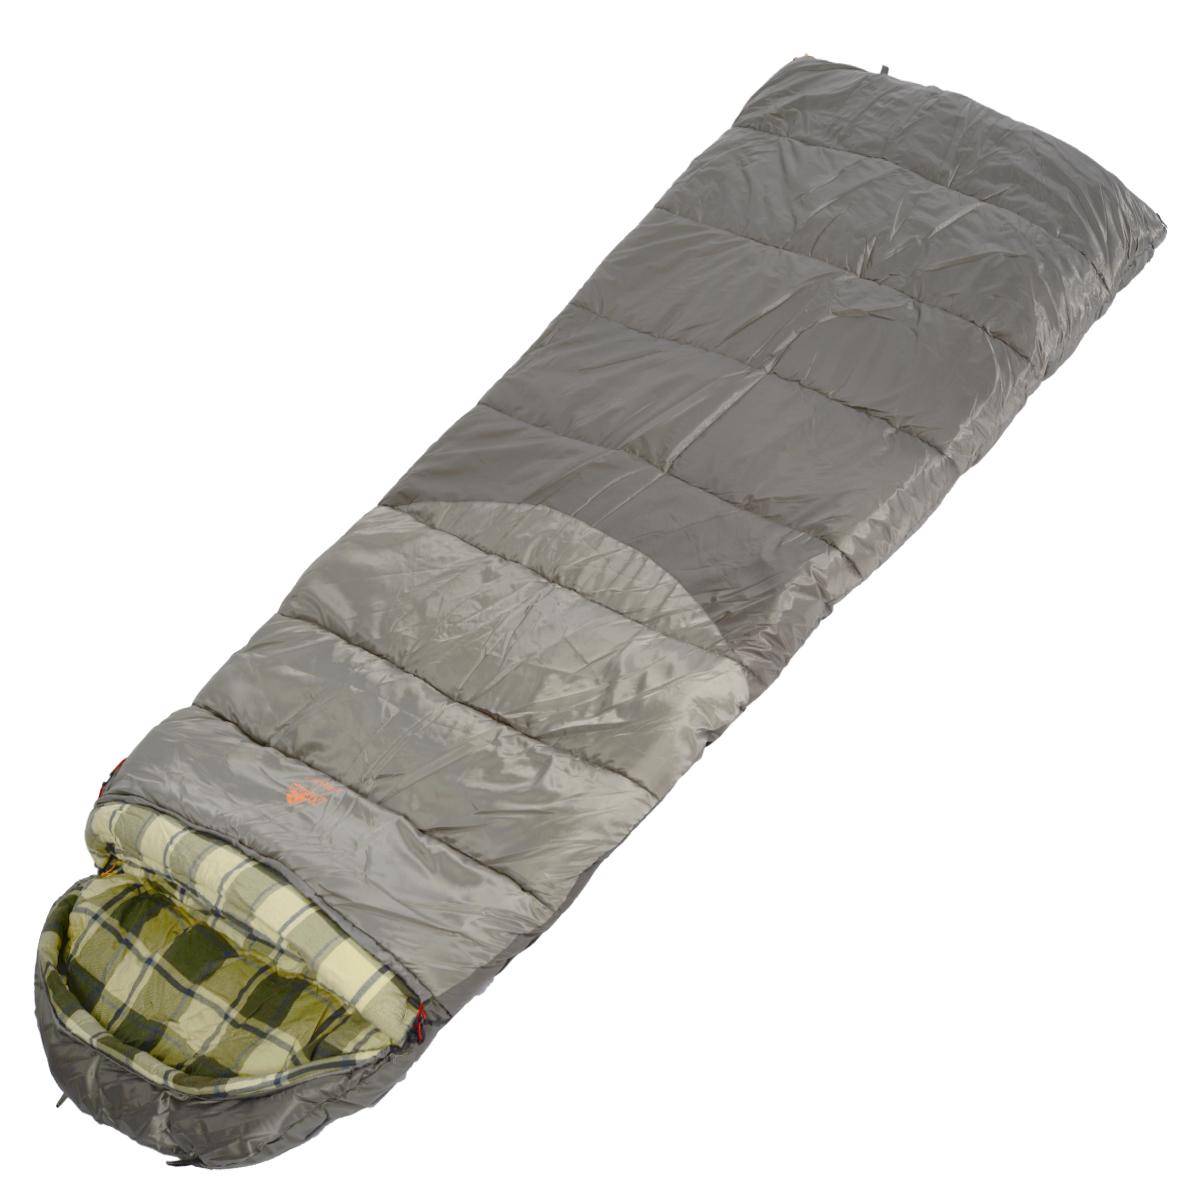 Спальный мешок-одеяло Alexika Canada plus, цвет: серый, правосторонняя молния. 9266.010719266.01071Вы выезжаете на рыбалку или охоту вплоть до зимних холодов. Уникальное предложение - спальный мешок-одеяло Canada. Большой объем утеплителя в 650 г/м2, мягкая и теплая внутренняя фланель, увеличенные размеры для комфортного сна. Размер в чехле: 56/46 см x 43 см. Внешняя ткань: верх Polyester 190T. Внешняя ткань низ:- Polyester 190T Diamond RipStop PU 250 mm H2O. Внутренняя ткань: Flannel. Утеплитель: APF-Isoterm 3D.